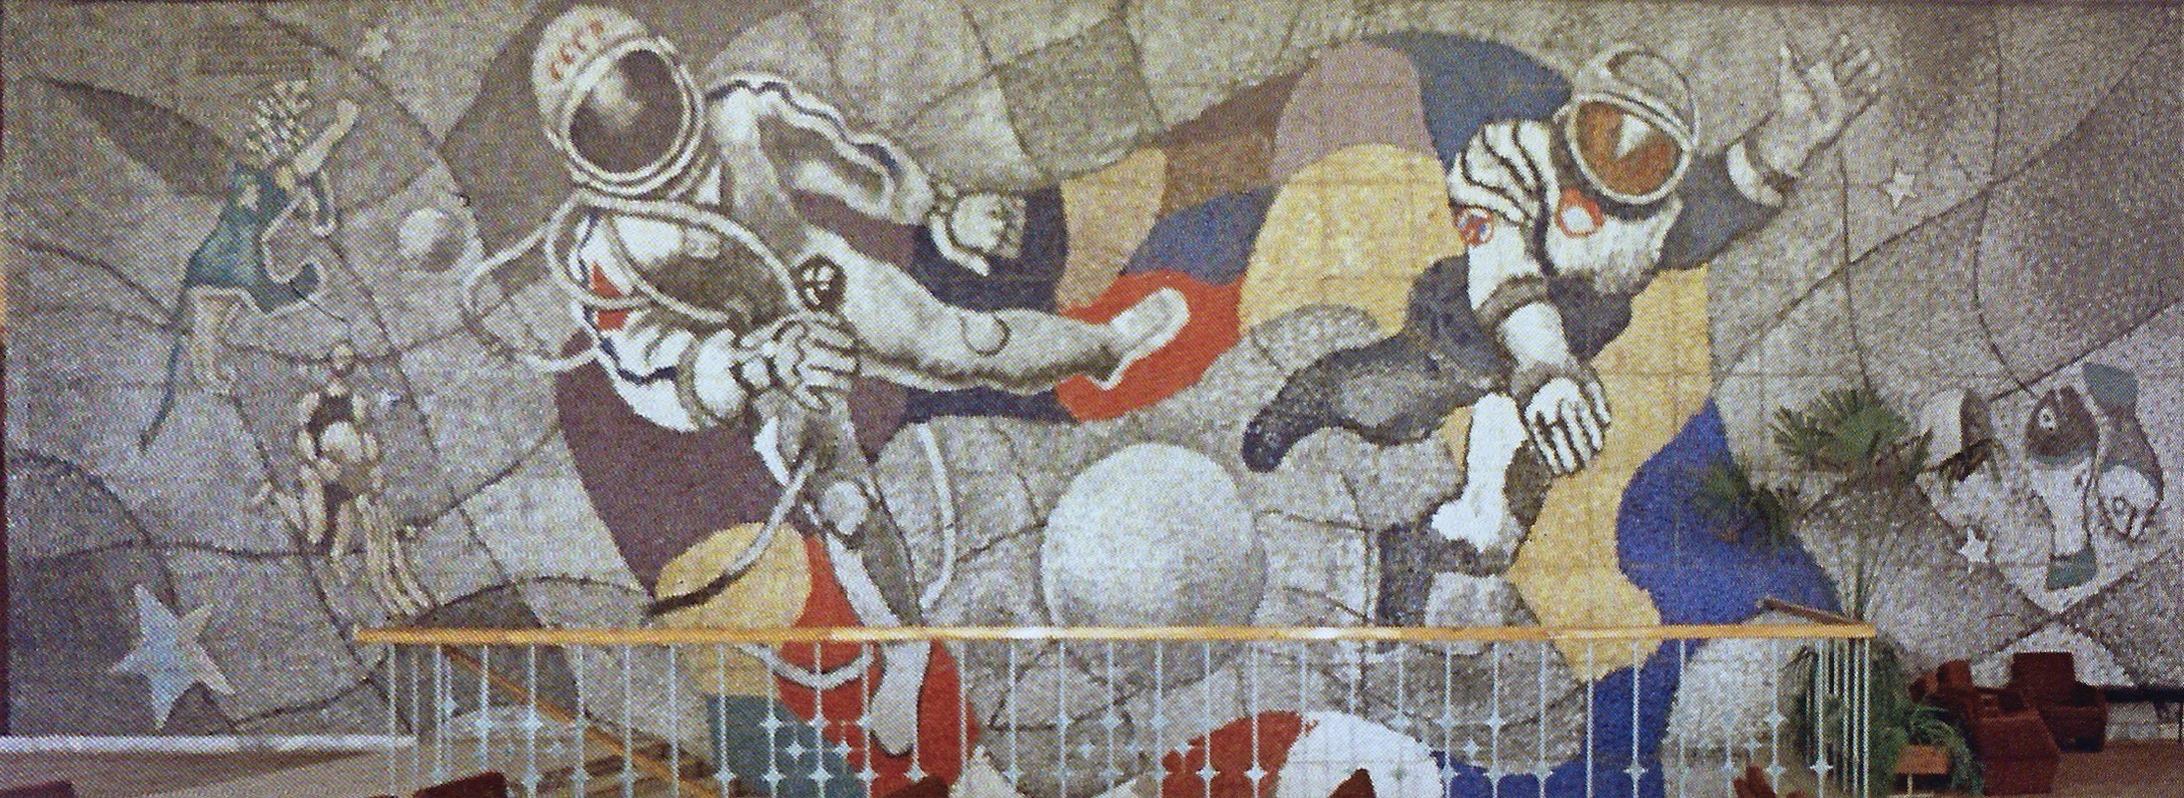 Мозаїки Юрія Єгорова передадуть в Одеський художній музей